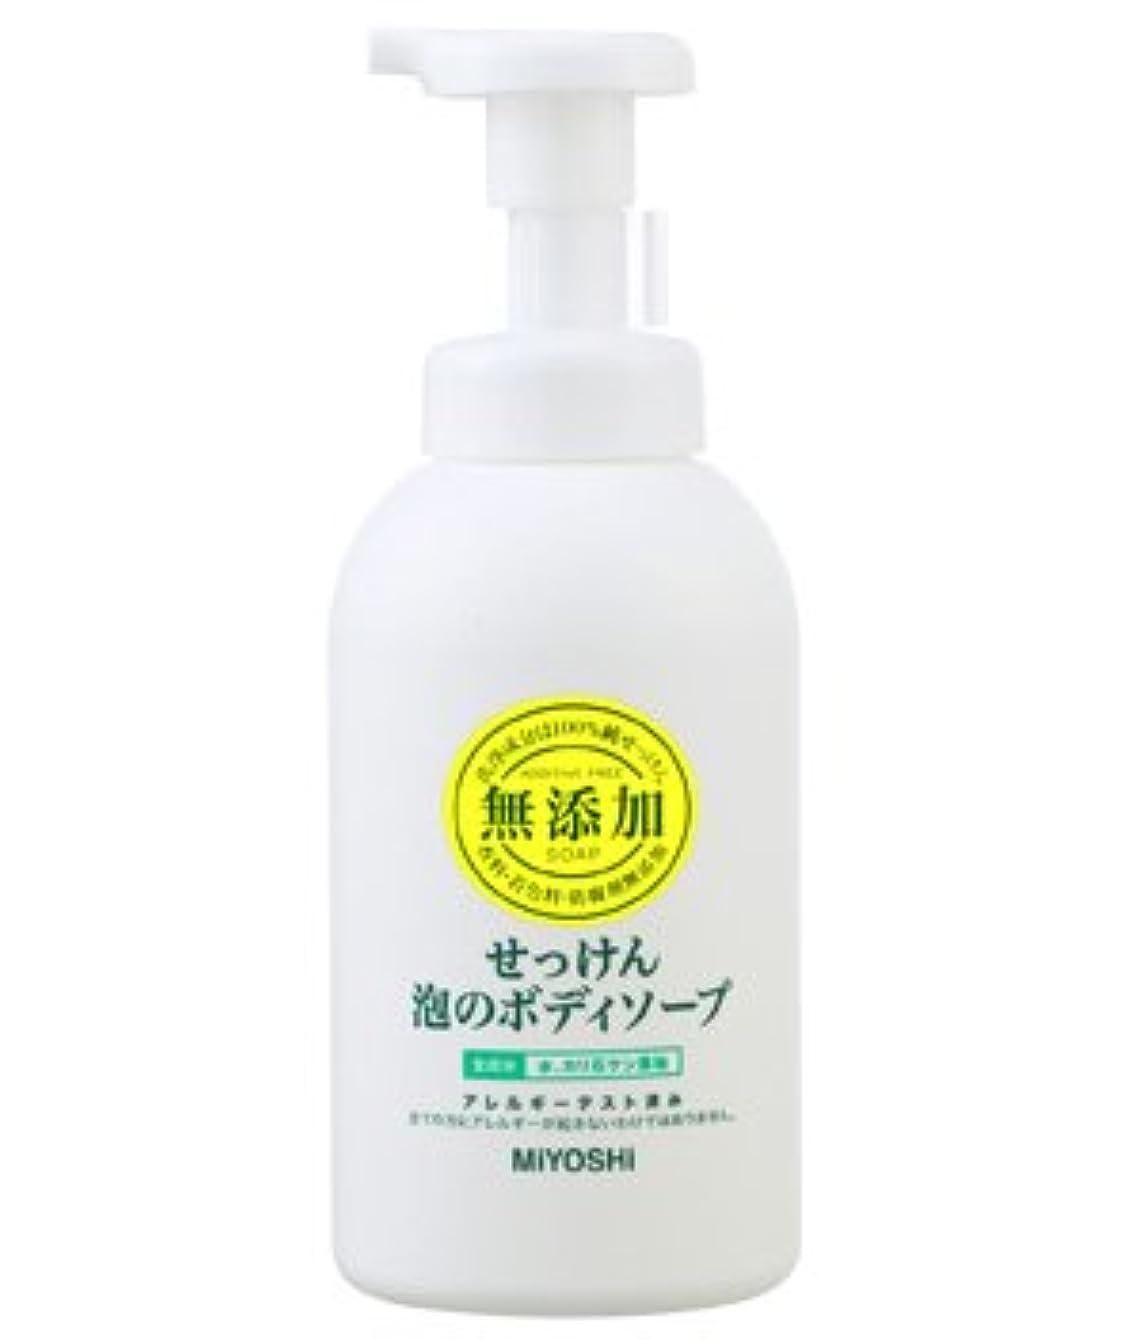 地域の認めるとてもミヨシ石鹸 無添加 せっけん 泡のボディソープ 500ml(無添加石鹸)×15点セット (4537130101544)